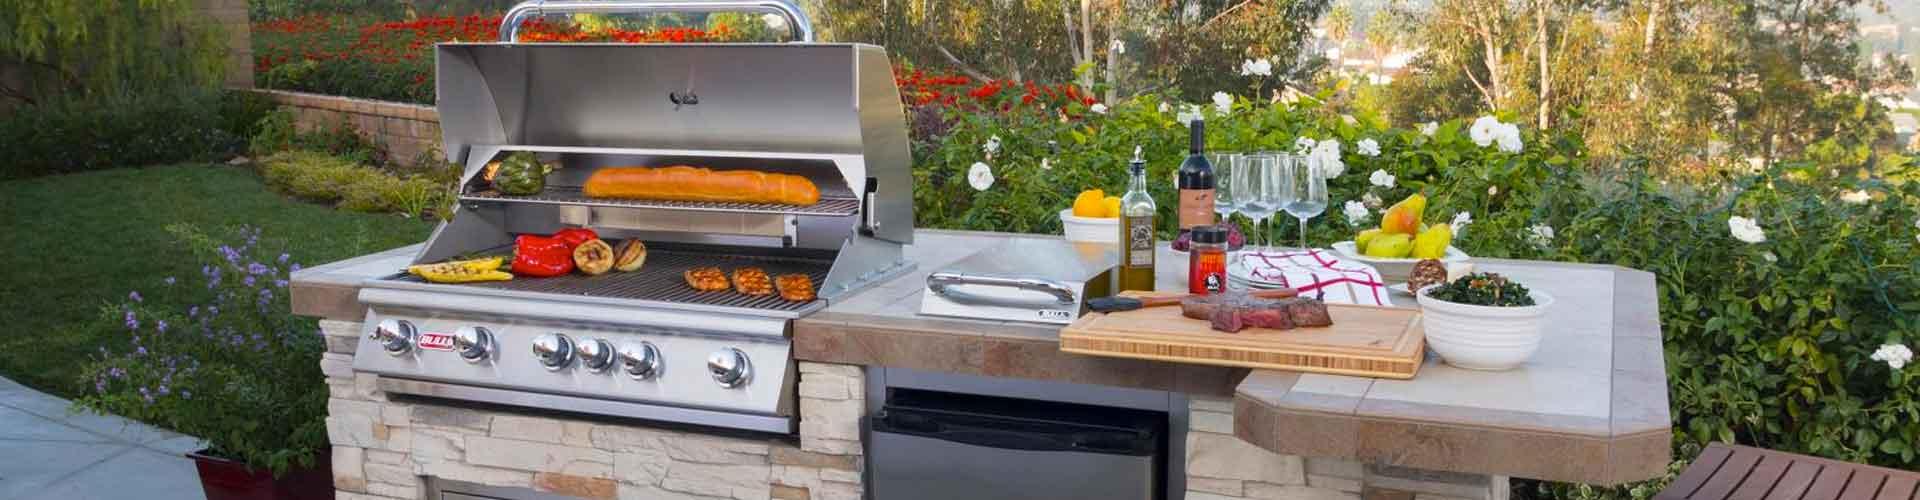 bull outdoor kitchens - sundance leisure